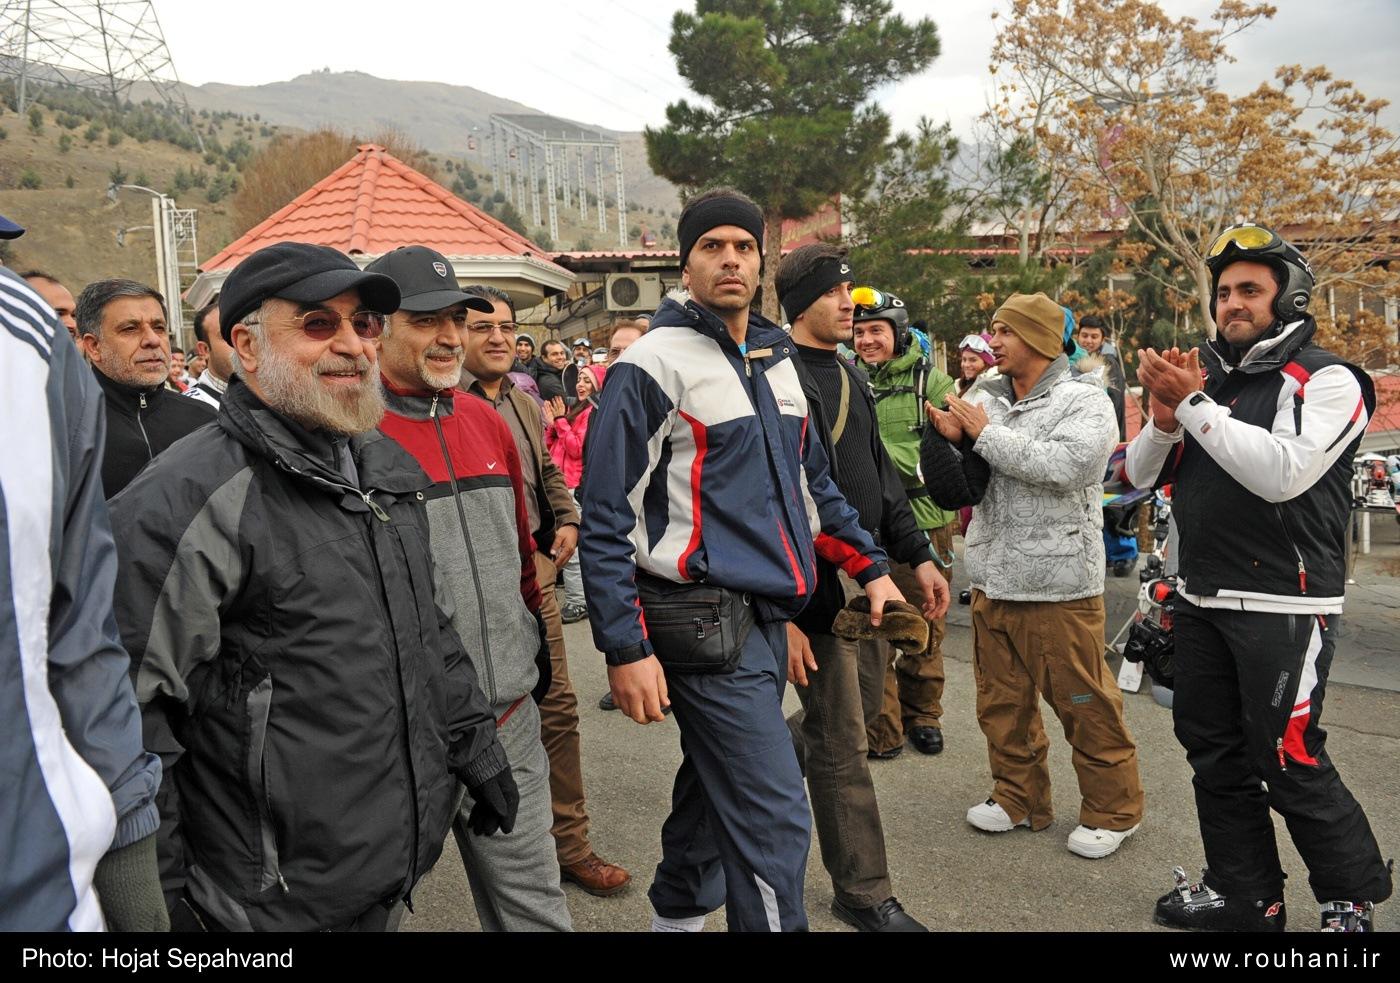 تیپ ورزشی حسن روحانی /کلاه بیس بال بجای عمامه سفید